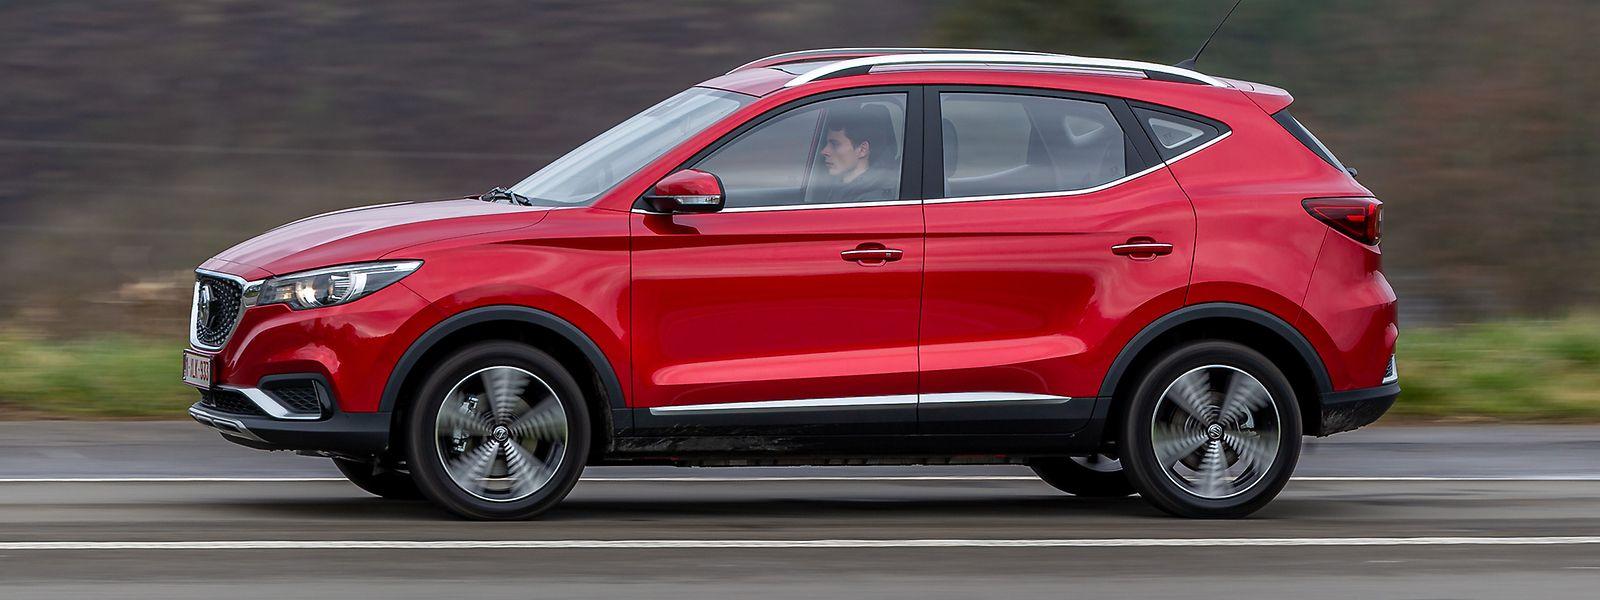 Der bei SAIC gefertigte MG ZS EV kommt recht unaufgeregt, aber durchaus gefällig daher.